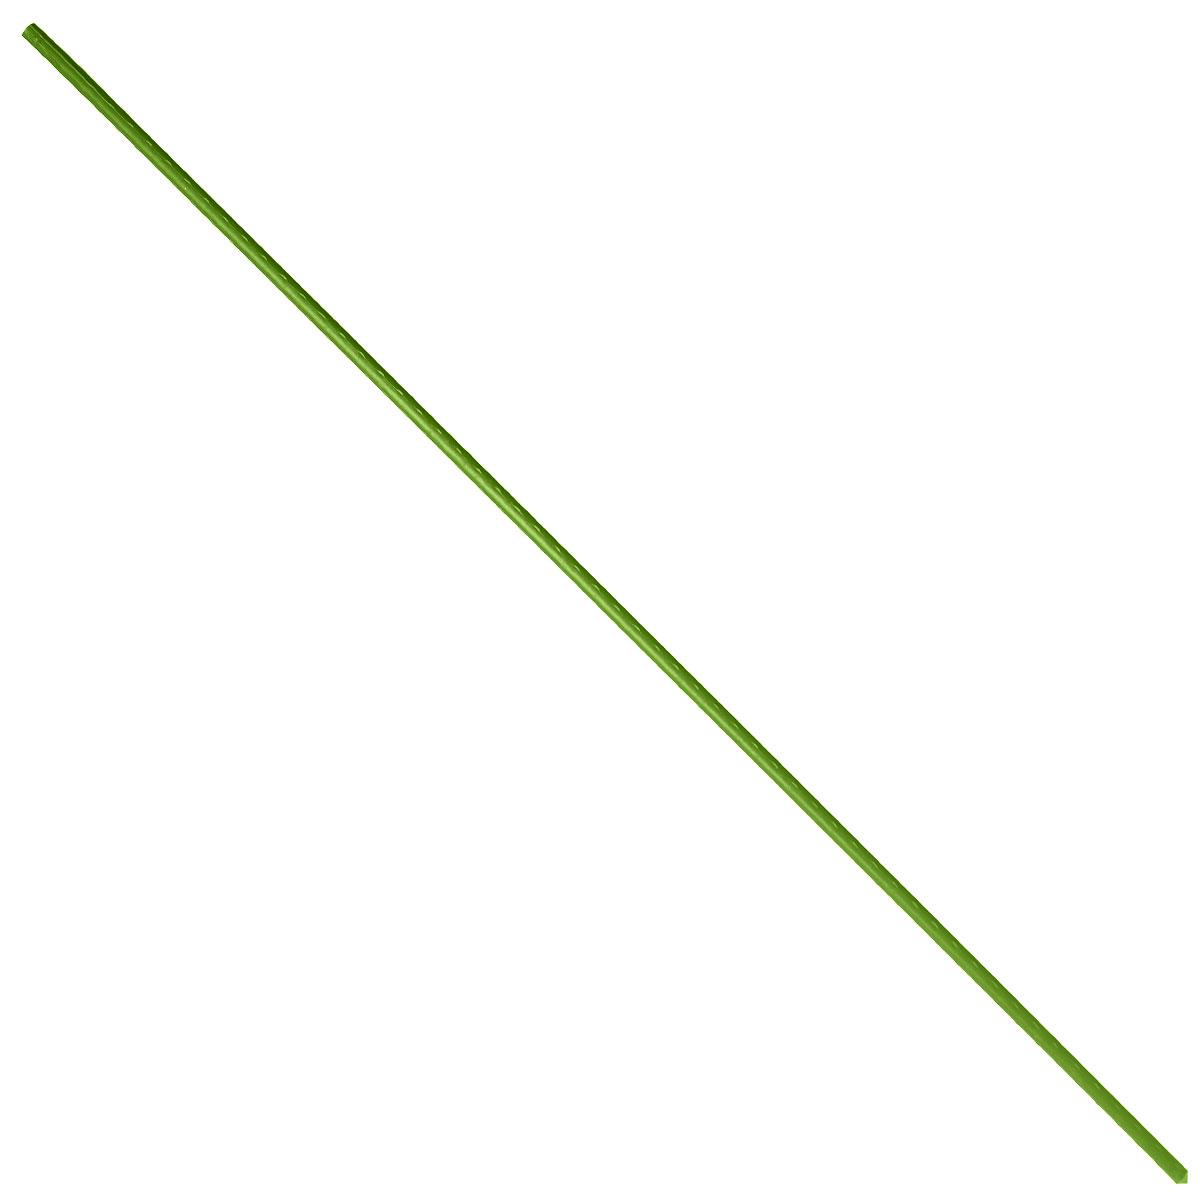 Опора для растений Green Apple, цвет: зеленый, диаметр 1,1 см, длина 90 см, 5 штGCSP-11-90Опора для растений Green Apple выполнена из высококачественного металла, покрытого цветным пластиком. В наборе 5 опор, выполненных в виде ствола растения с шипами.Такие опоры широко используются для поддержки декоративных садовых и комнатных растений. Также могут применятся для поддержки вьющихся растений в парниках.Длина опоры: 90 см.Диаметр опоры: 1,1 см.Комплектация: 5 шт.